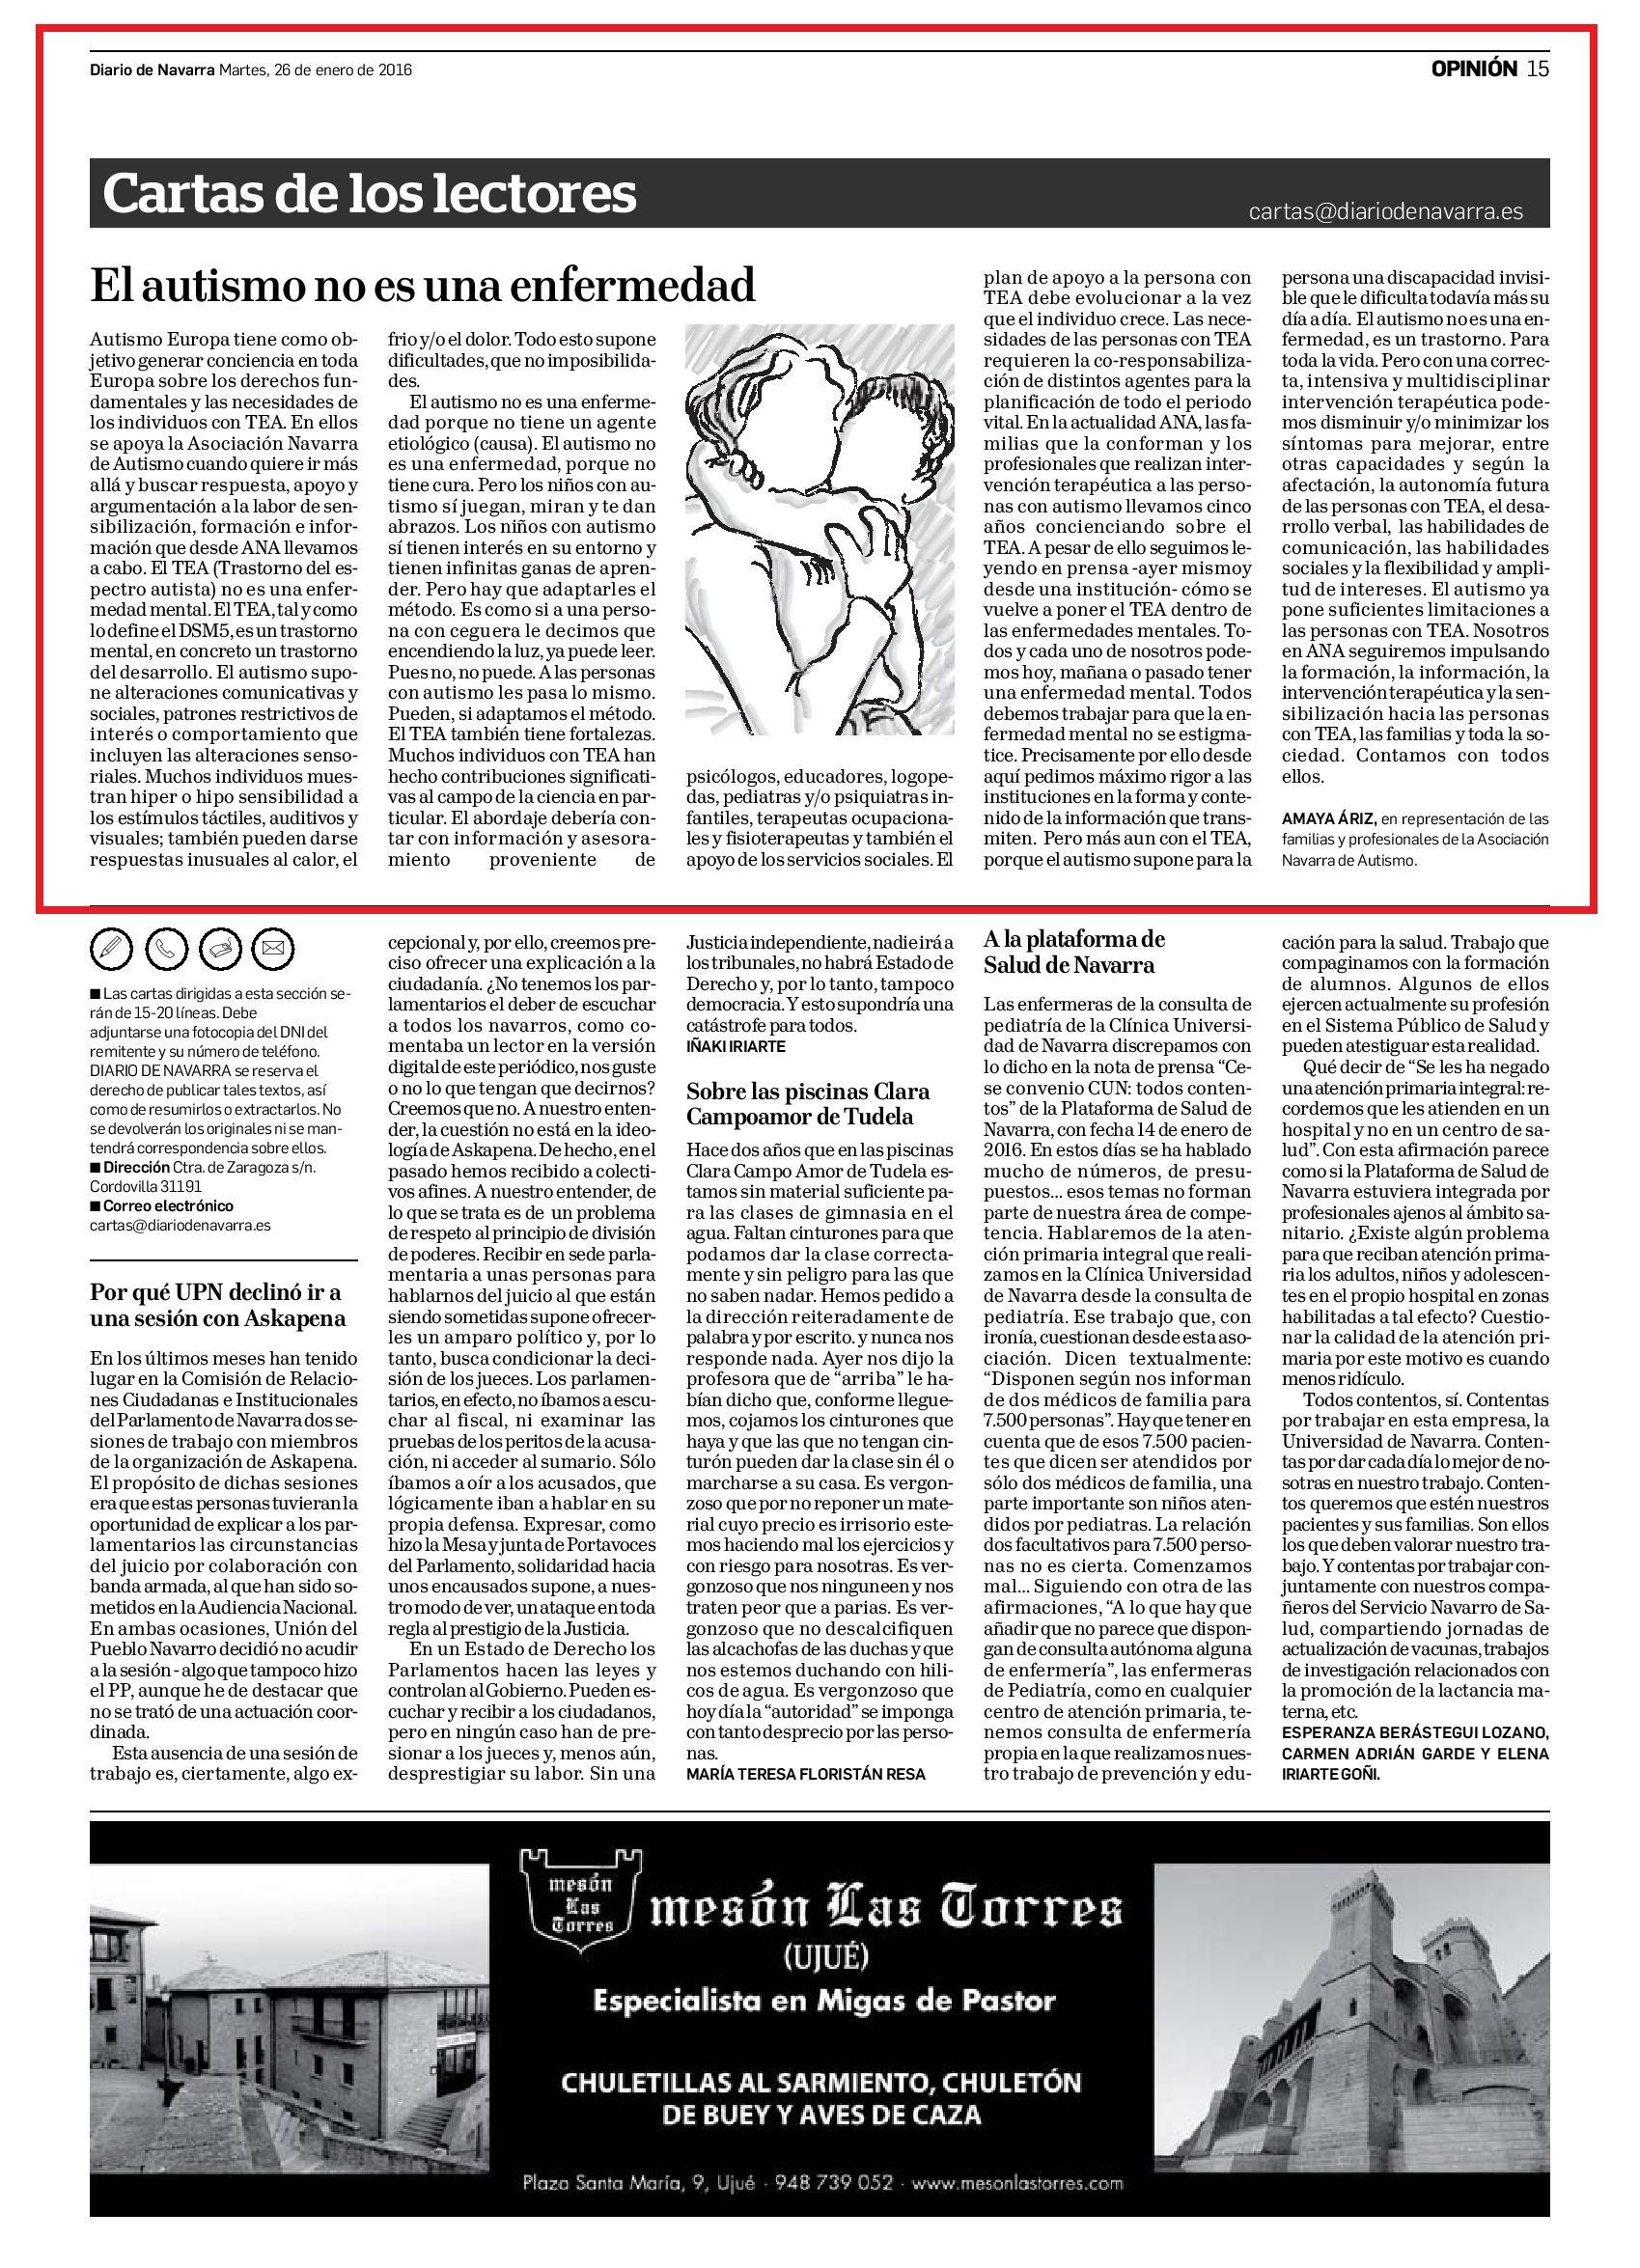 20160126 - Diario de Navarra - Opinión - pag 15-page-001.